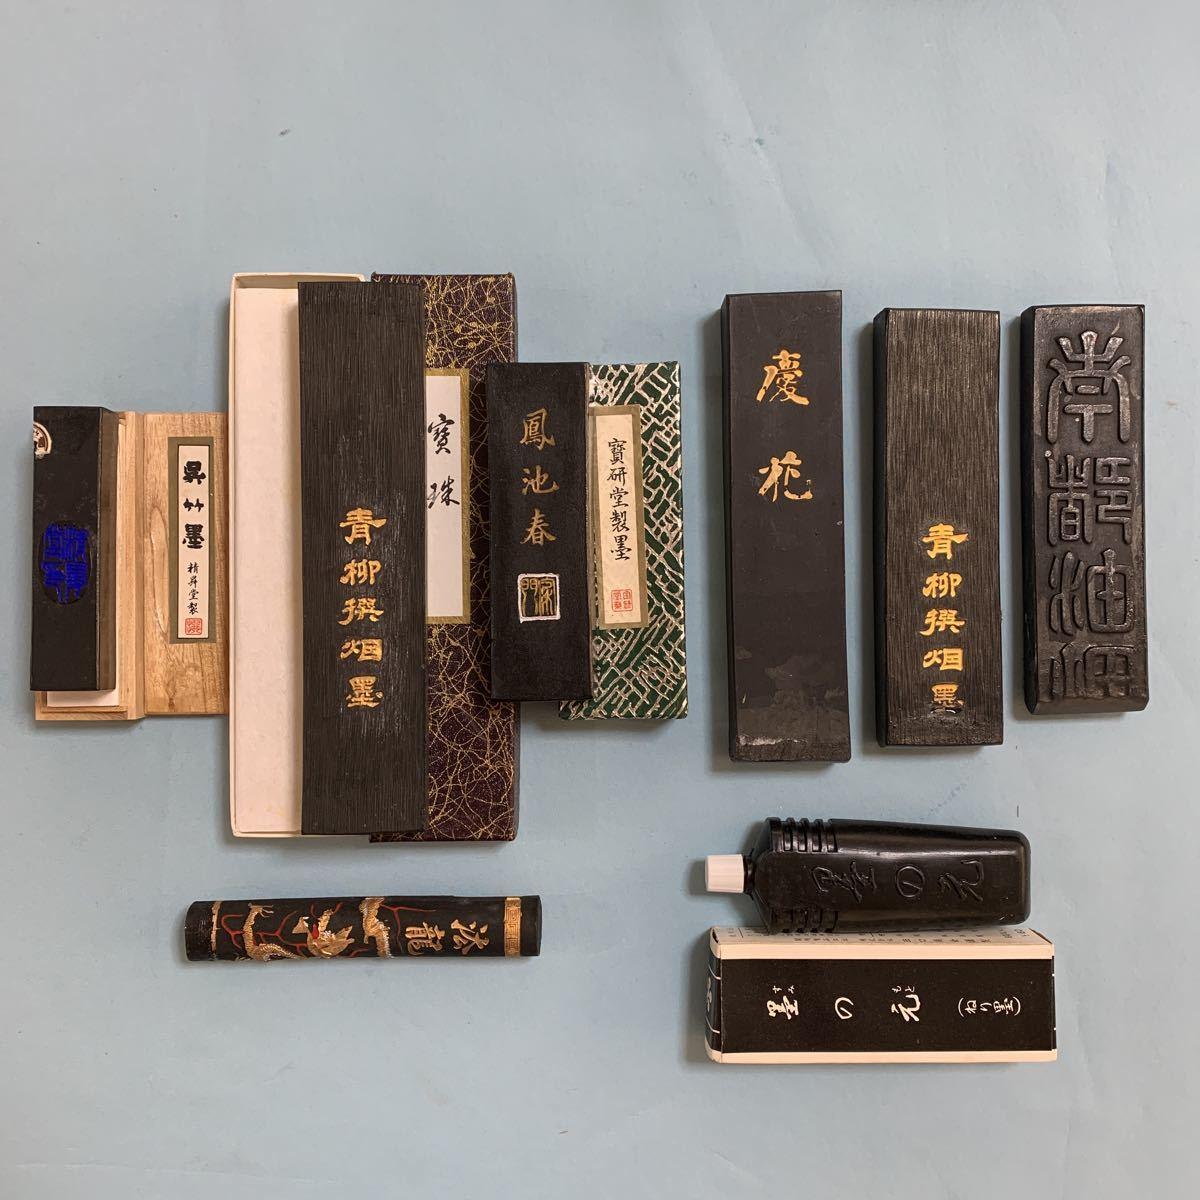 中国 古墨 和墨 寳研堂 など色々 まとめての出品です!